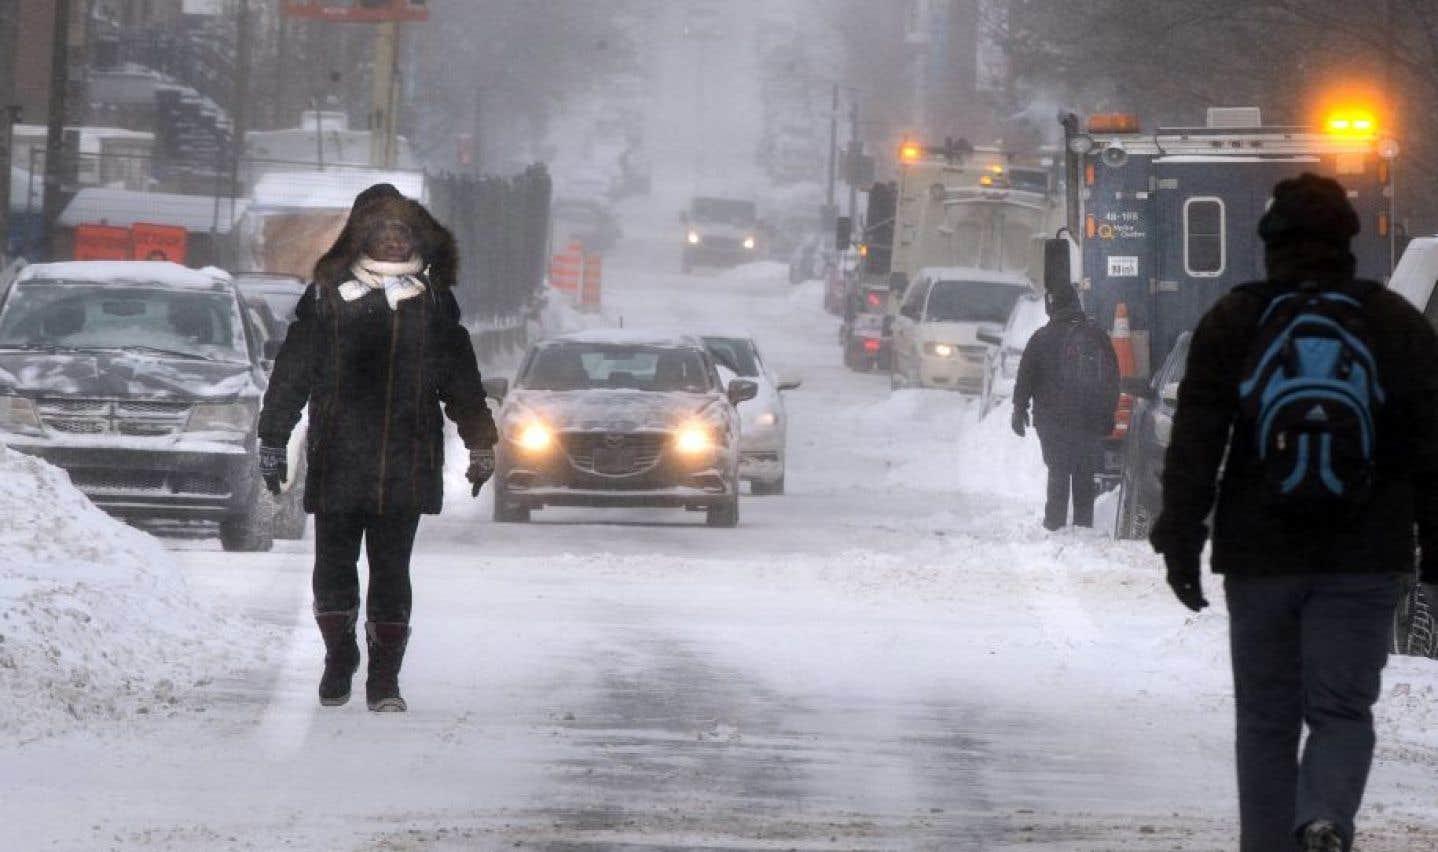 Les températures ressenties varieront de moins 35 à moins 45 degrés Celsius.